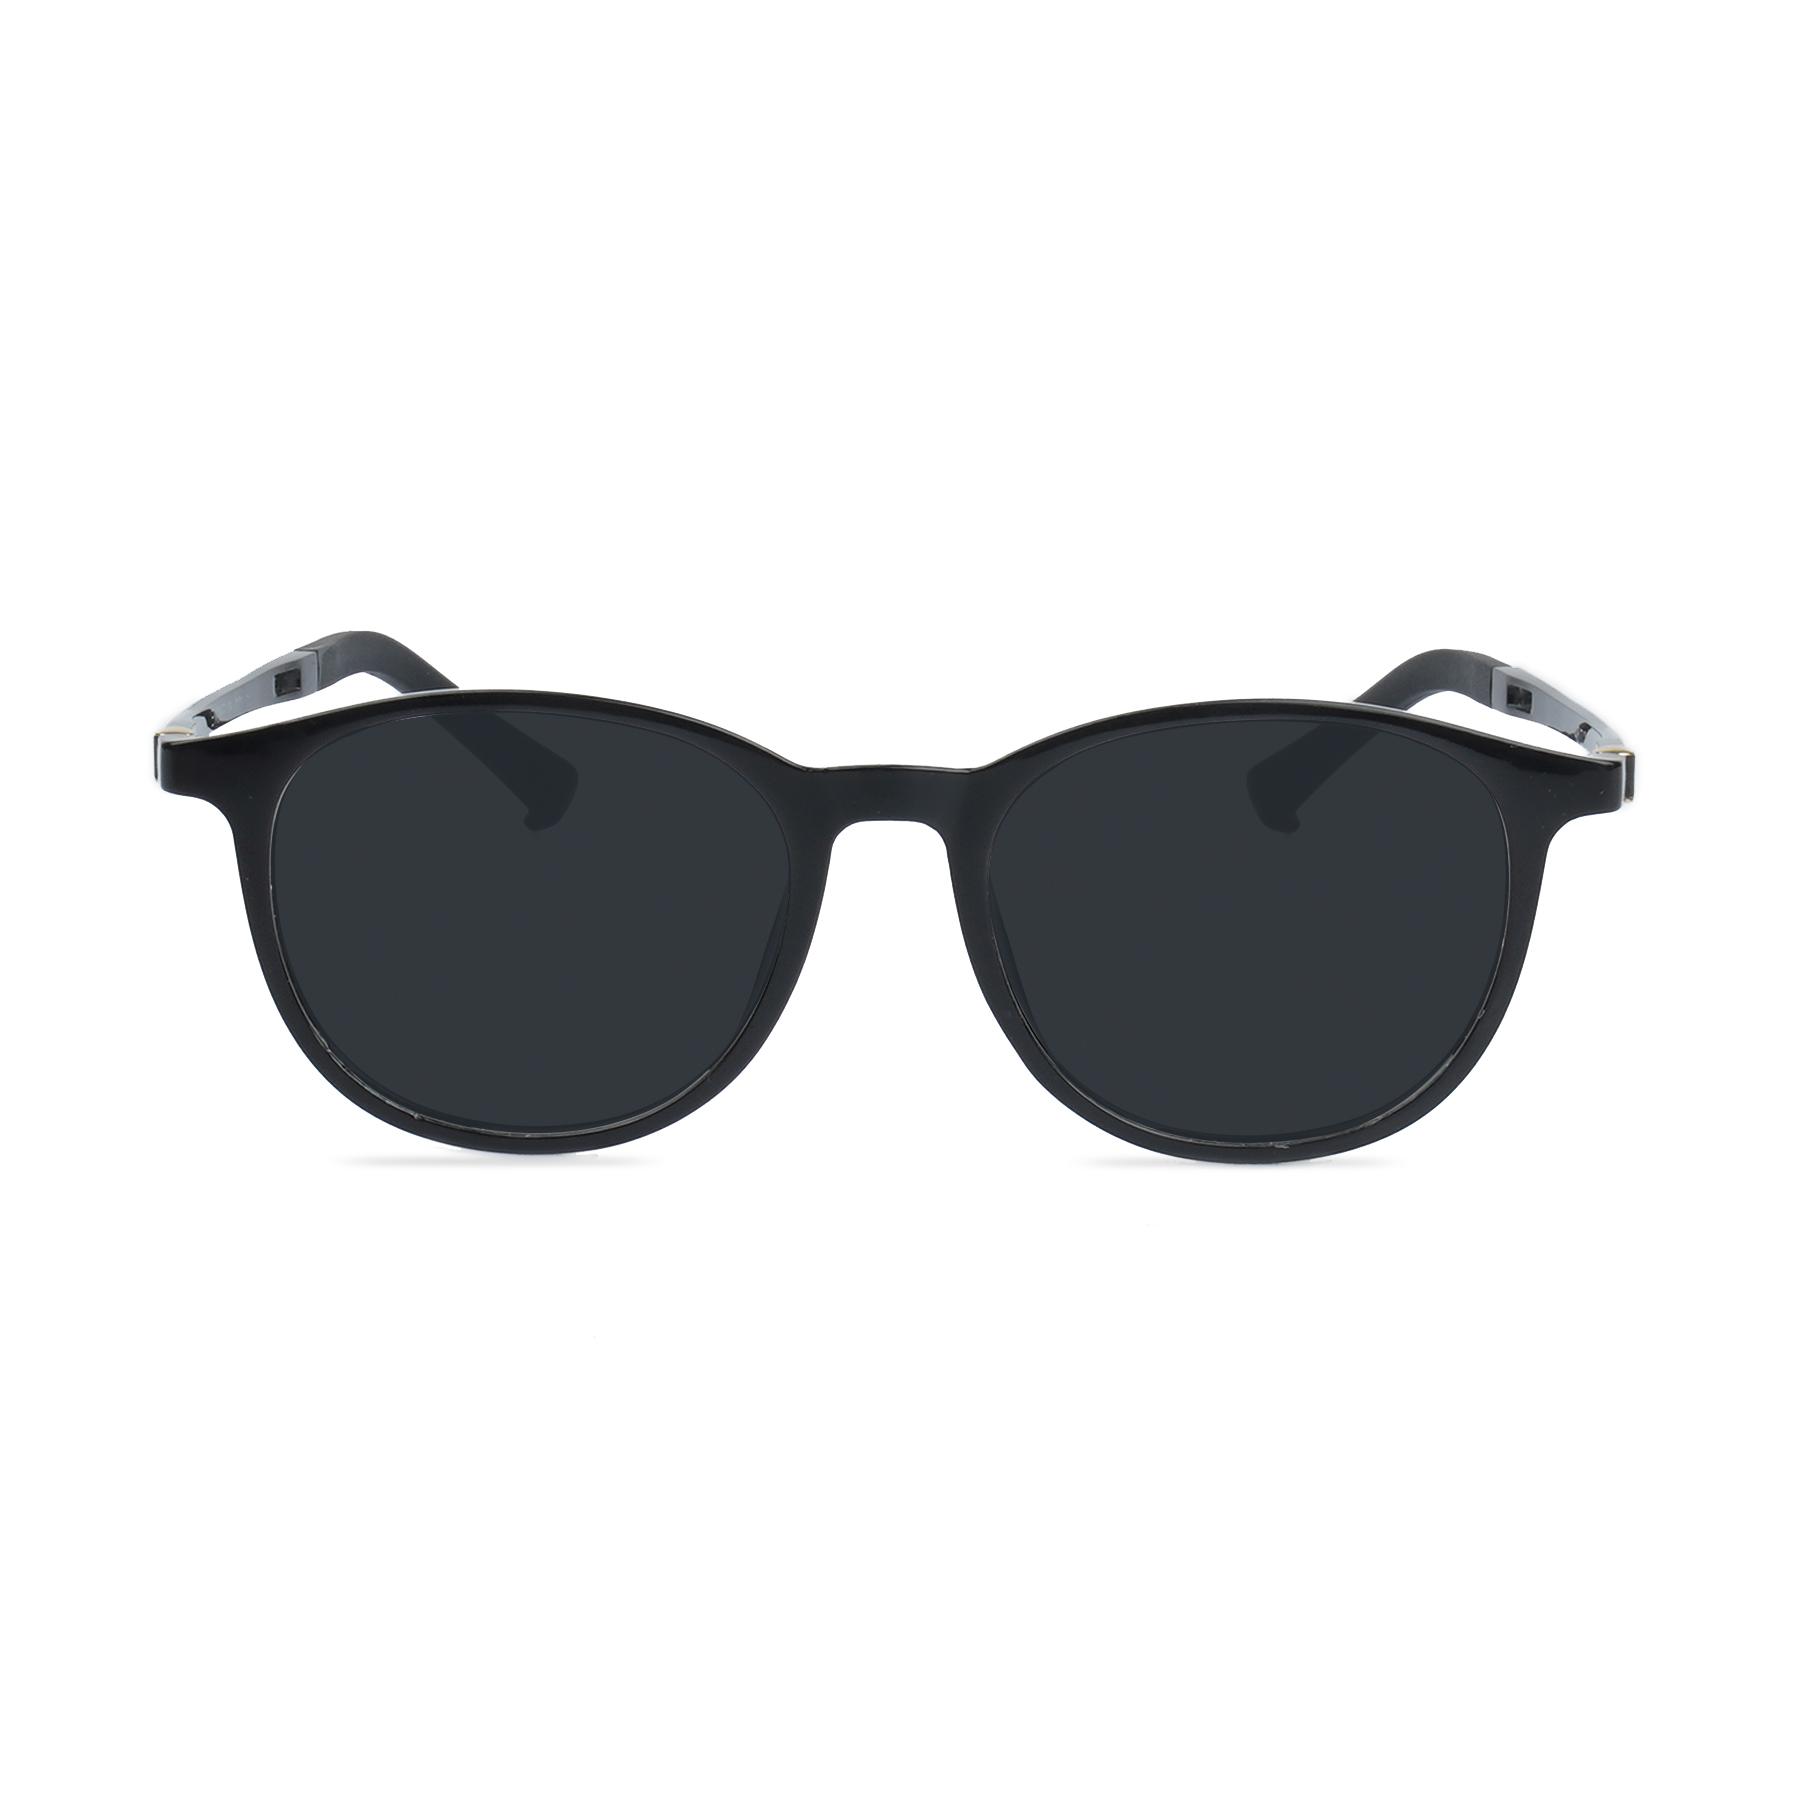 Evoke Delhi Sunglasses